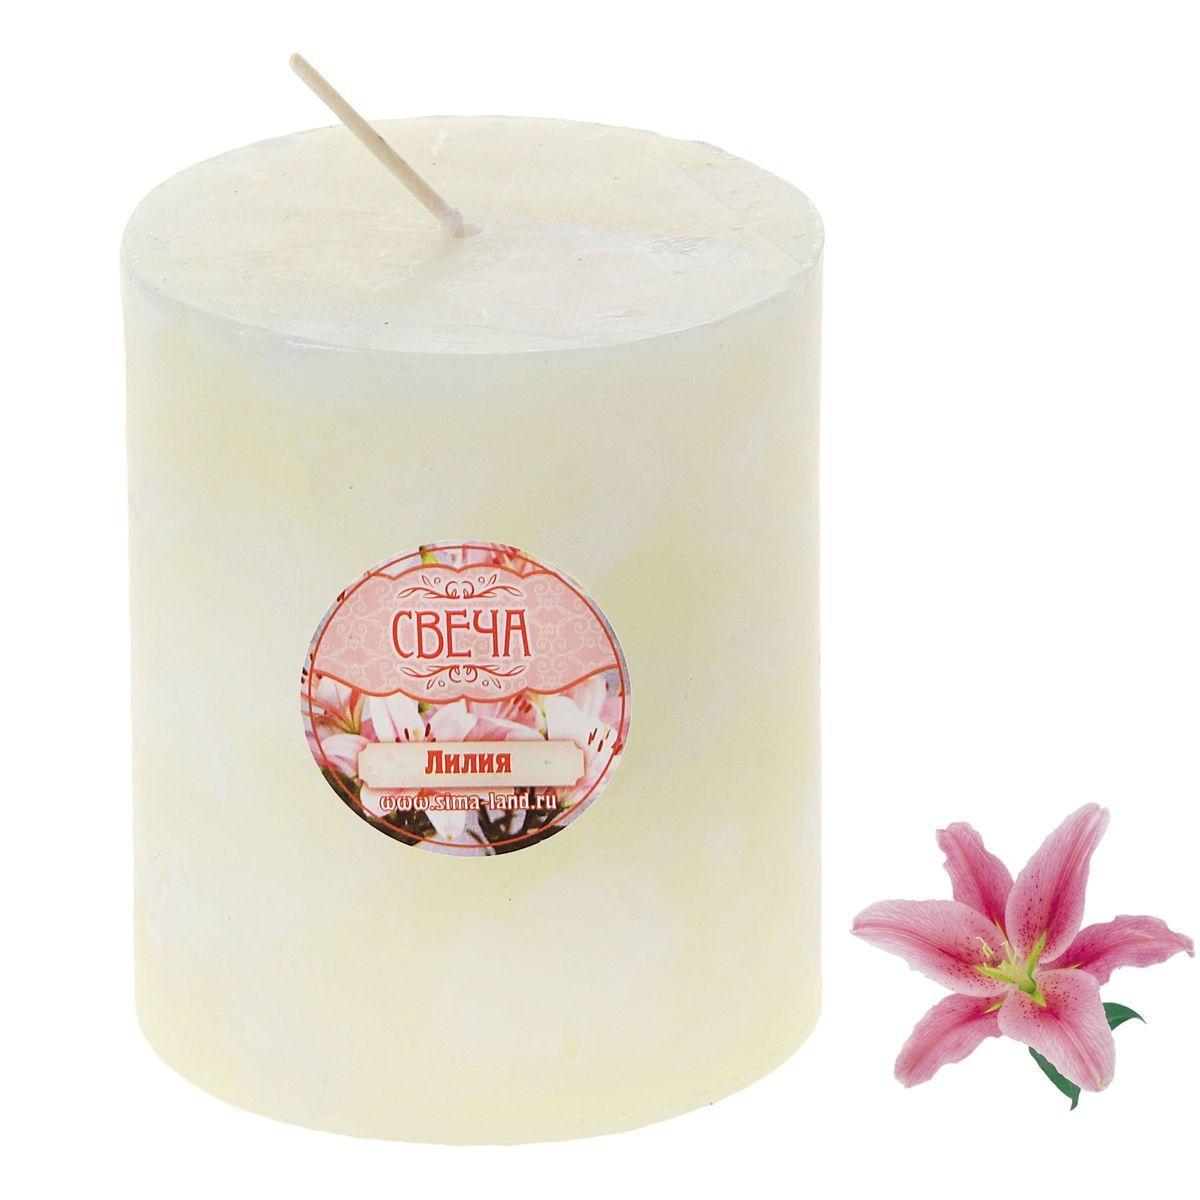 Свеча ароматизированная Sima-land Лилия, высота 7 см. 849576 sima land свеча с мишкой с днем рождения 7 4 5 х 7 см 1003758